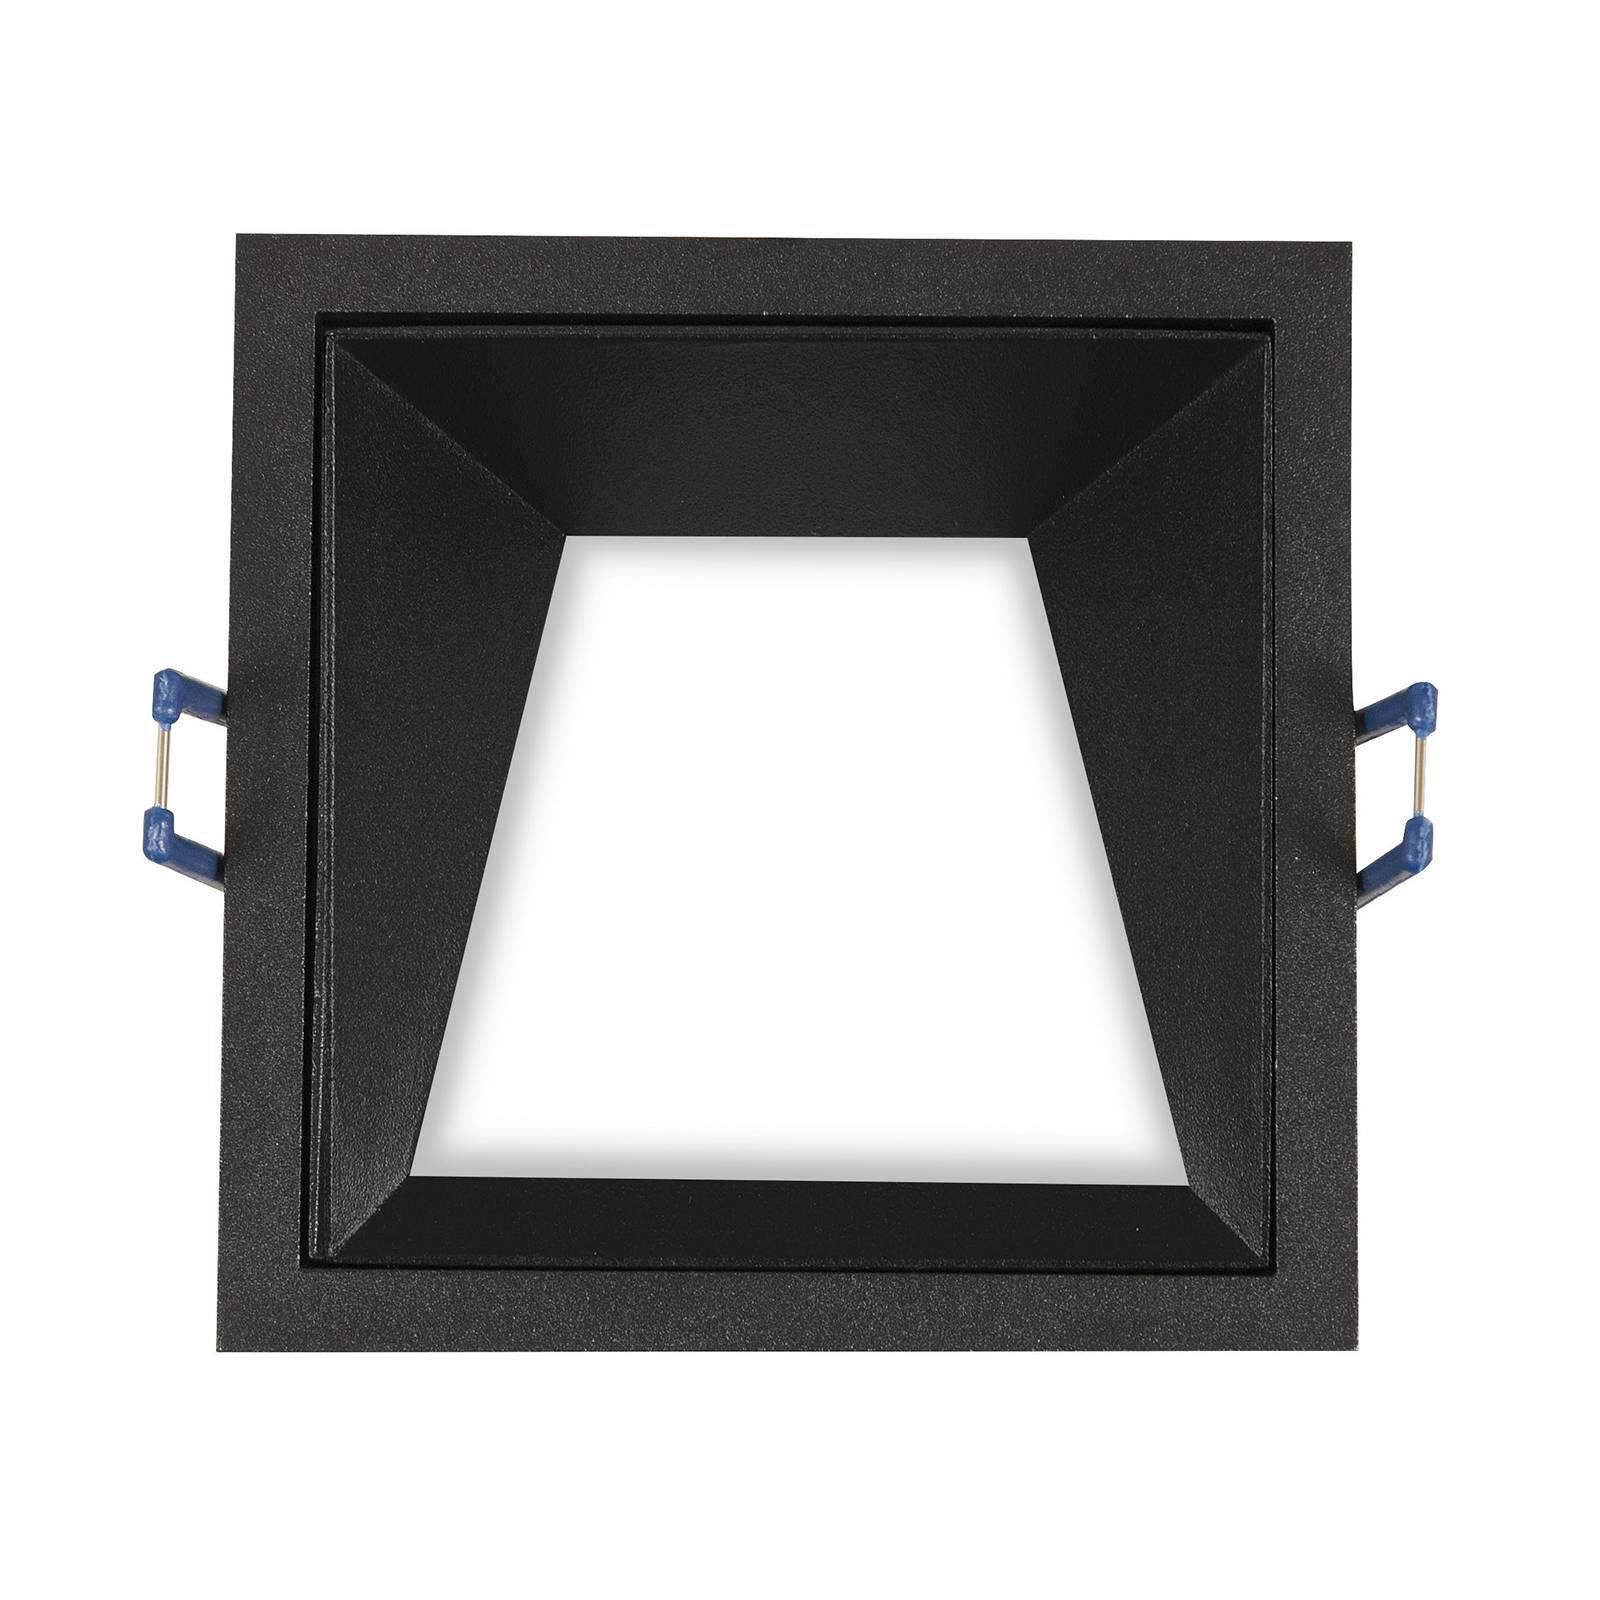 Innfellingslampe Kris Rahmen 3 000 K asymmetrisk s